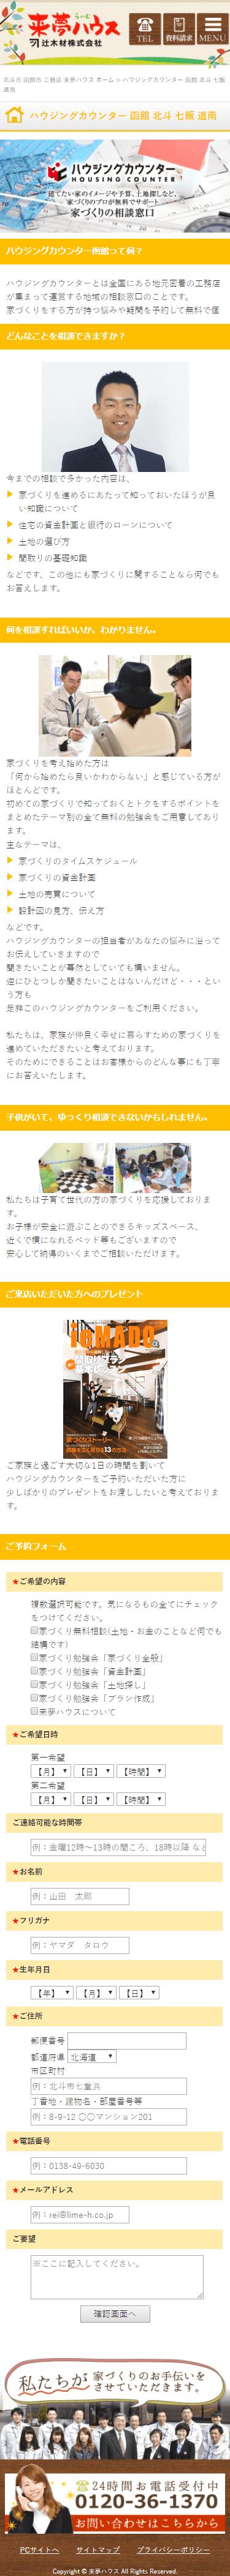 北海道北斗市 辻木材株式会社(来夢ハウス)様4